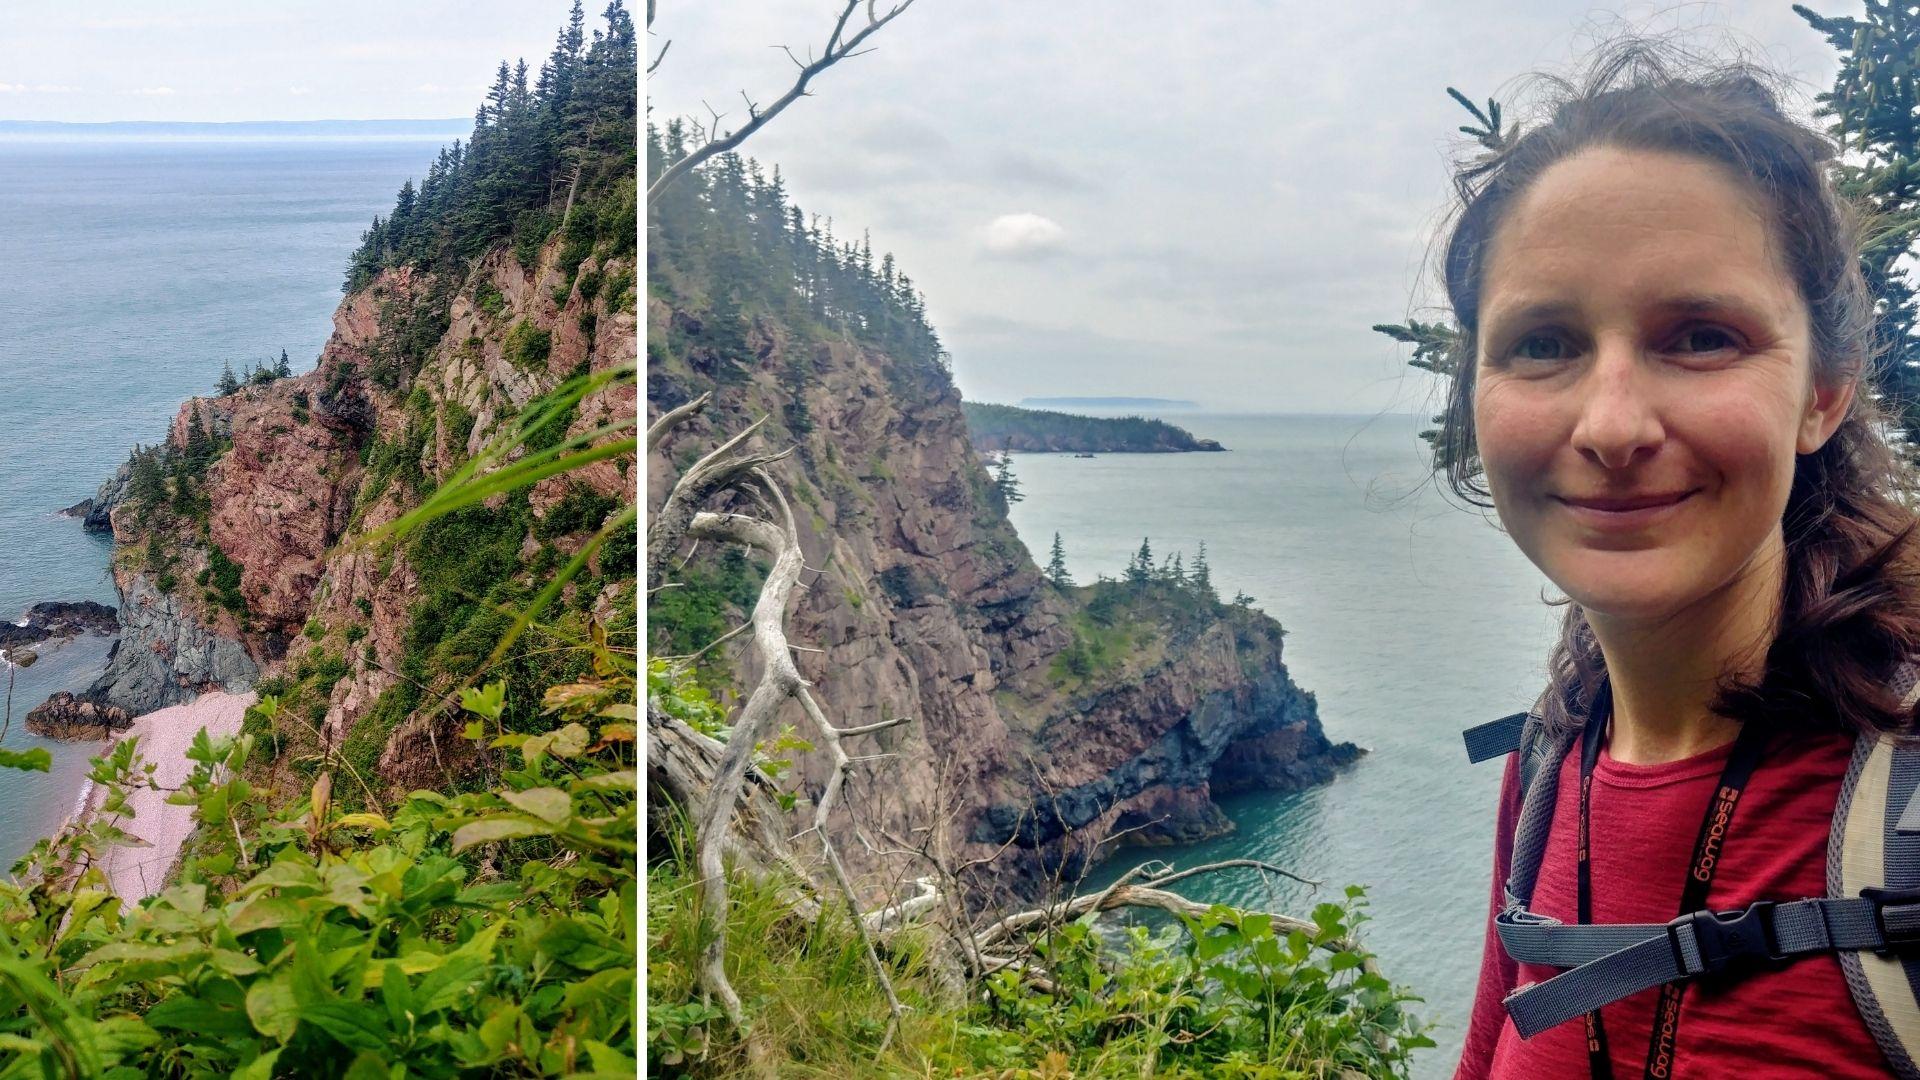 Randonnée solo parc provincial sentier Cape Chignecto Nouvelle-Écosse Canada blog voyage Arpenter le chemin